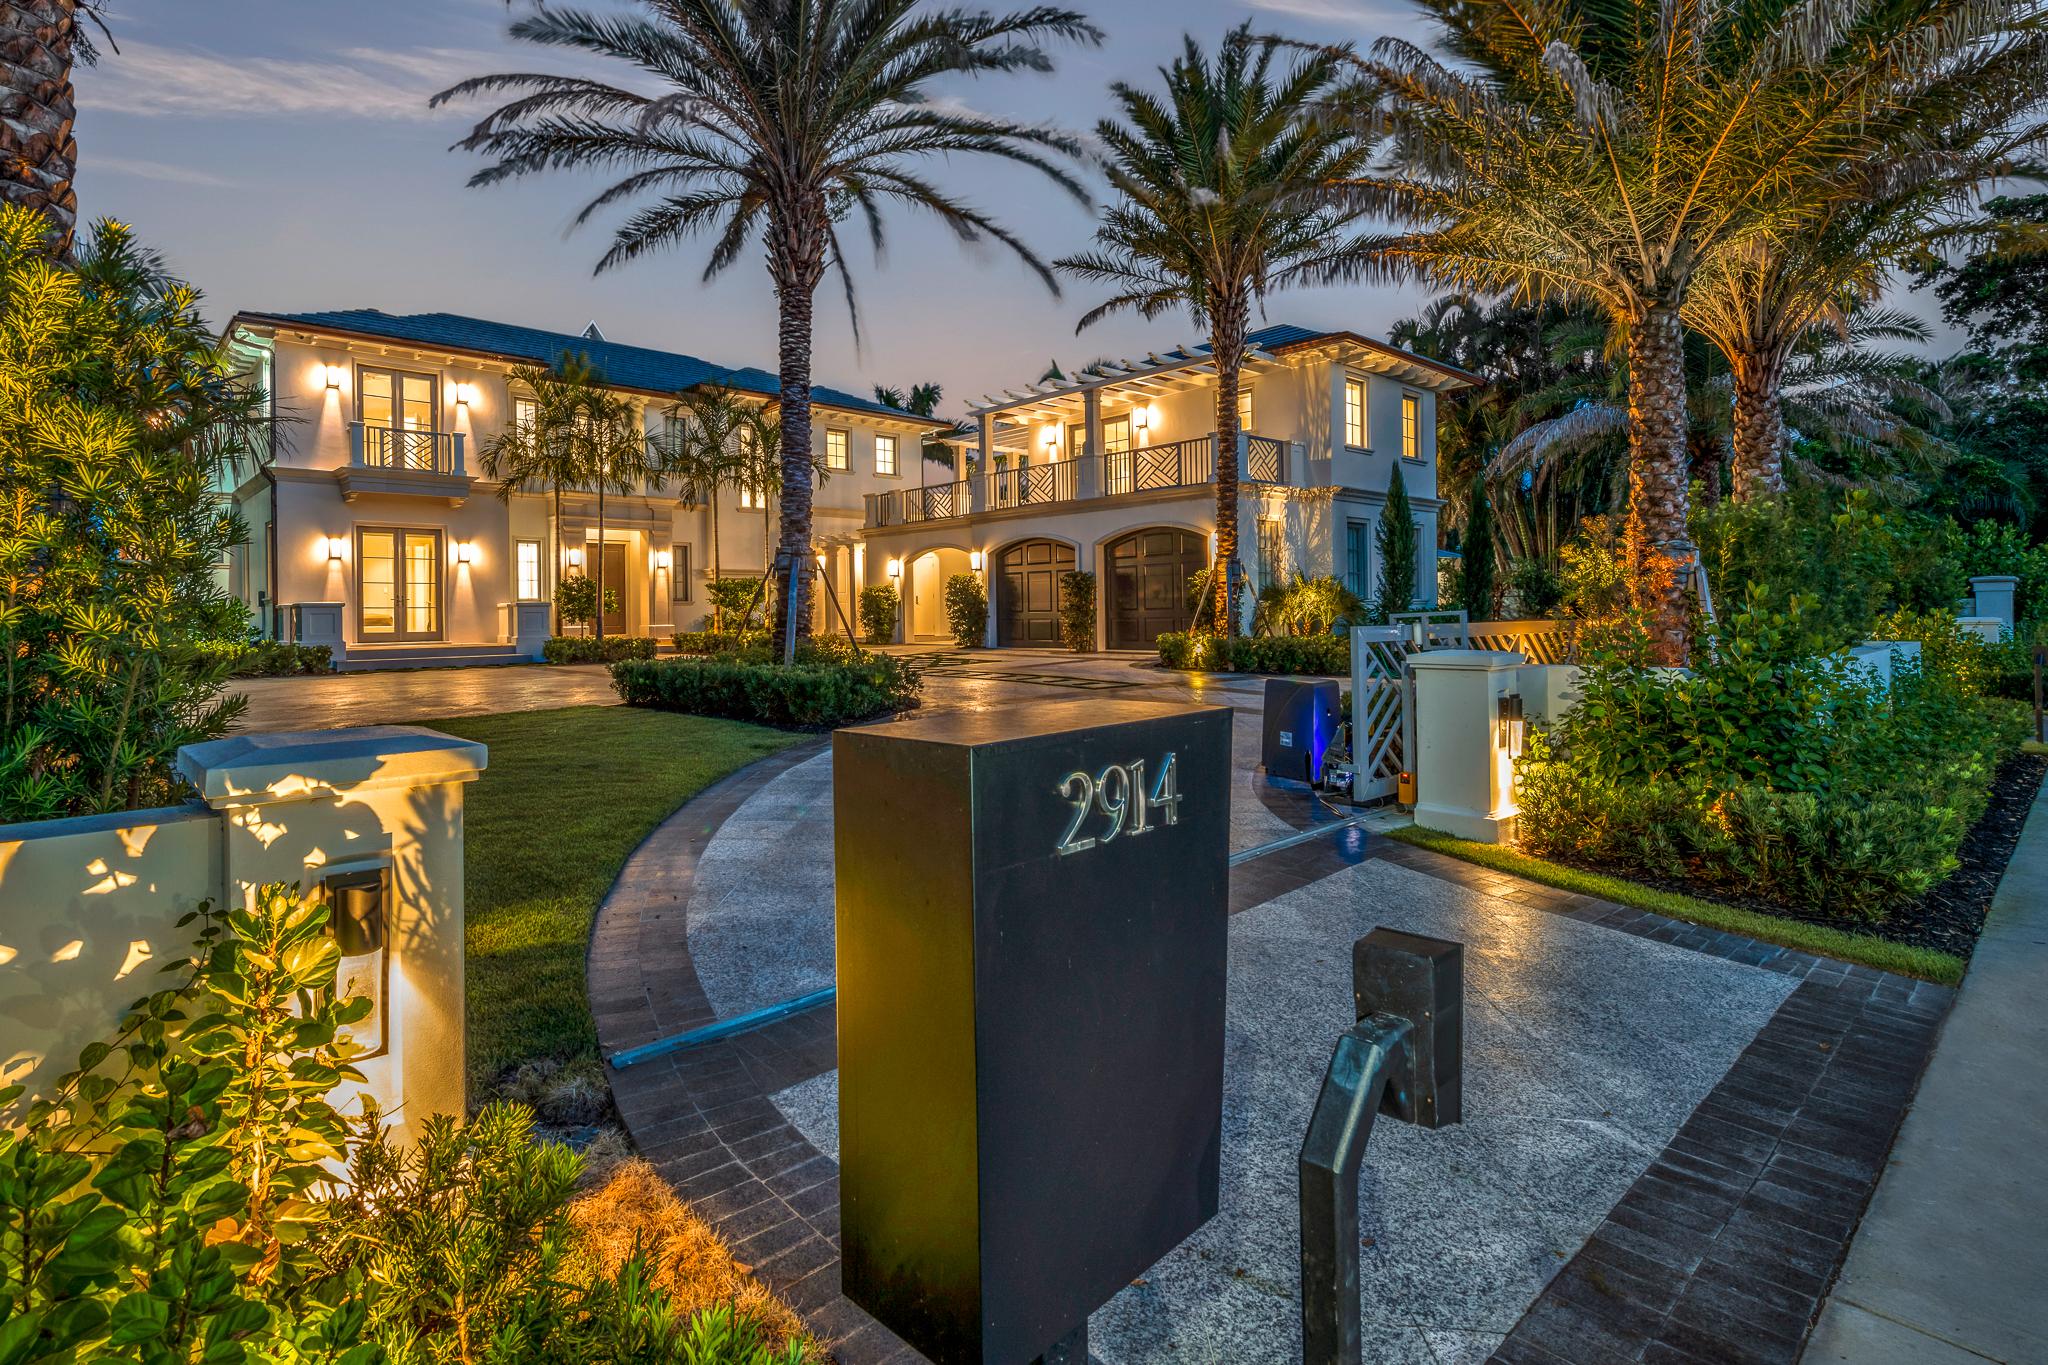 2914-Washington-Rd-West-Palm-Beach__EZP7759-Edit.jpg